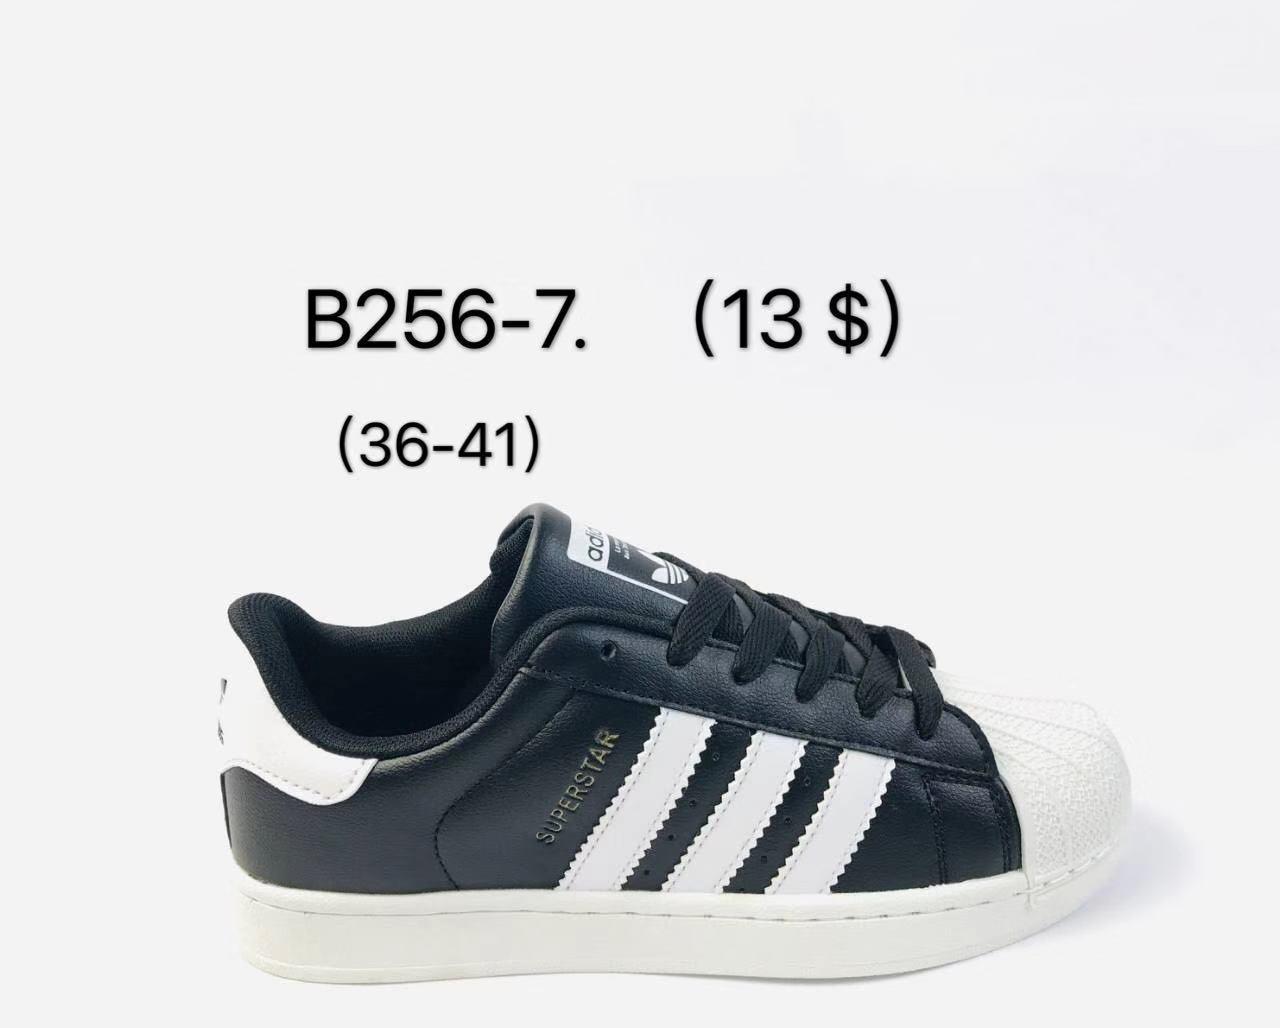 Подростковые кроссовки Adidas Superstar оптом (36-41)